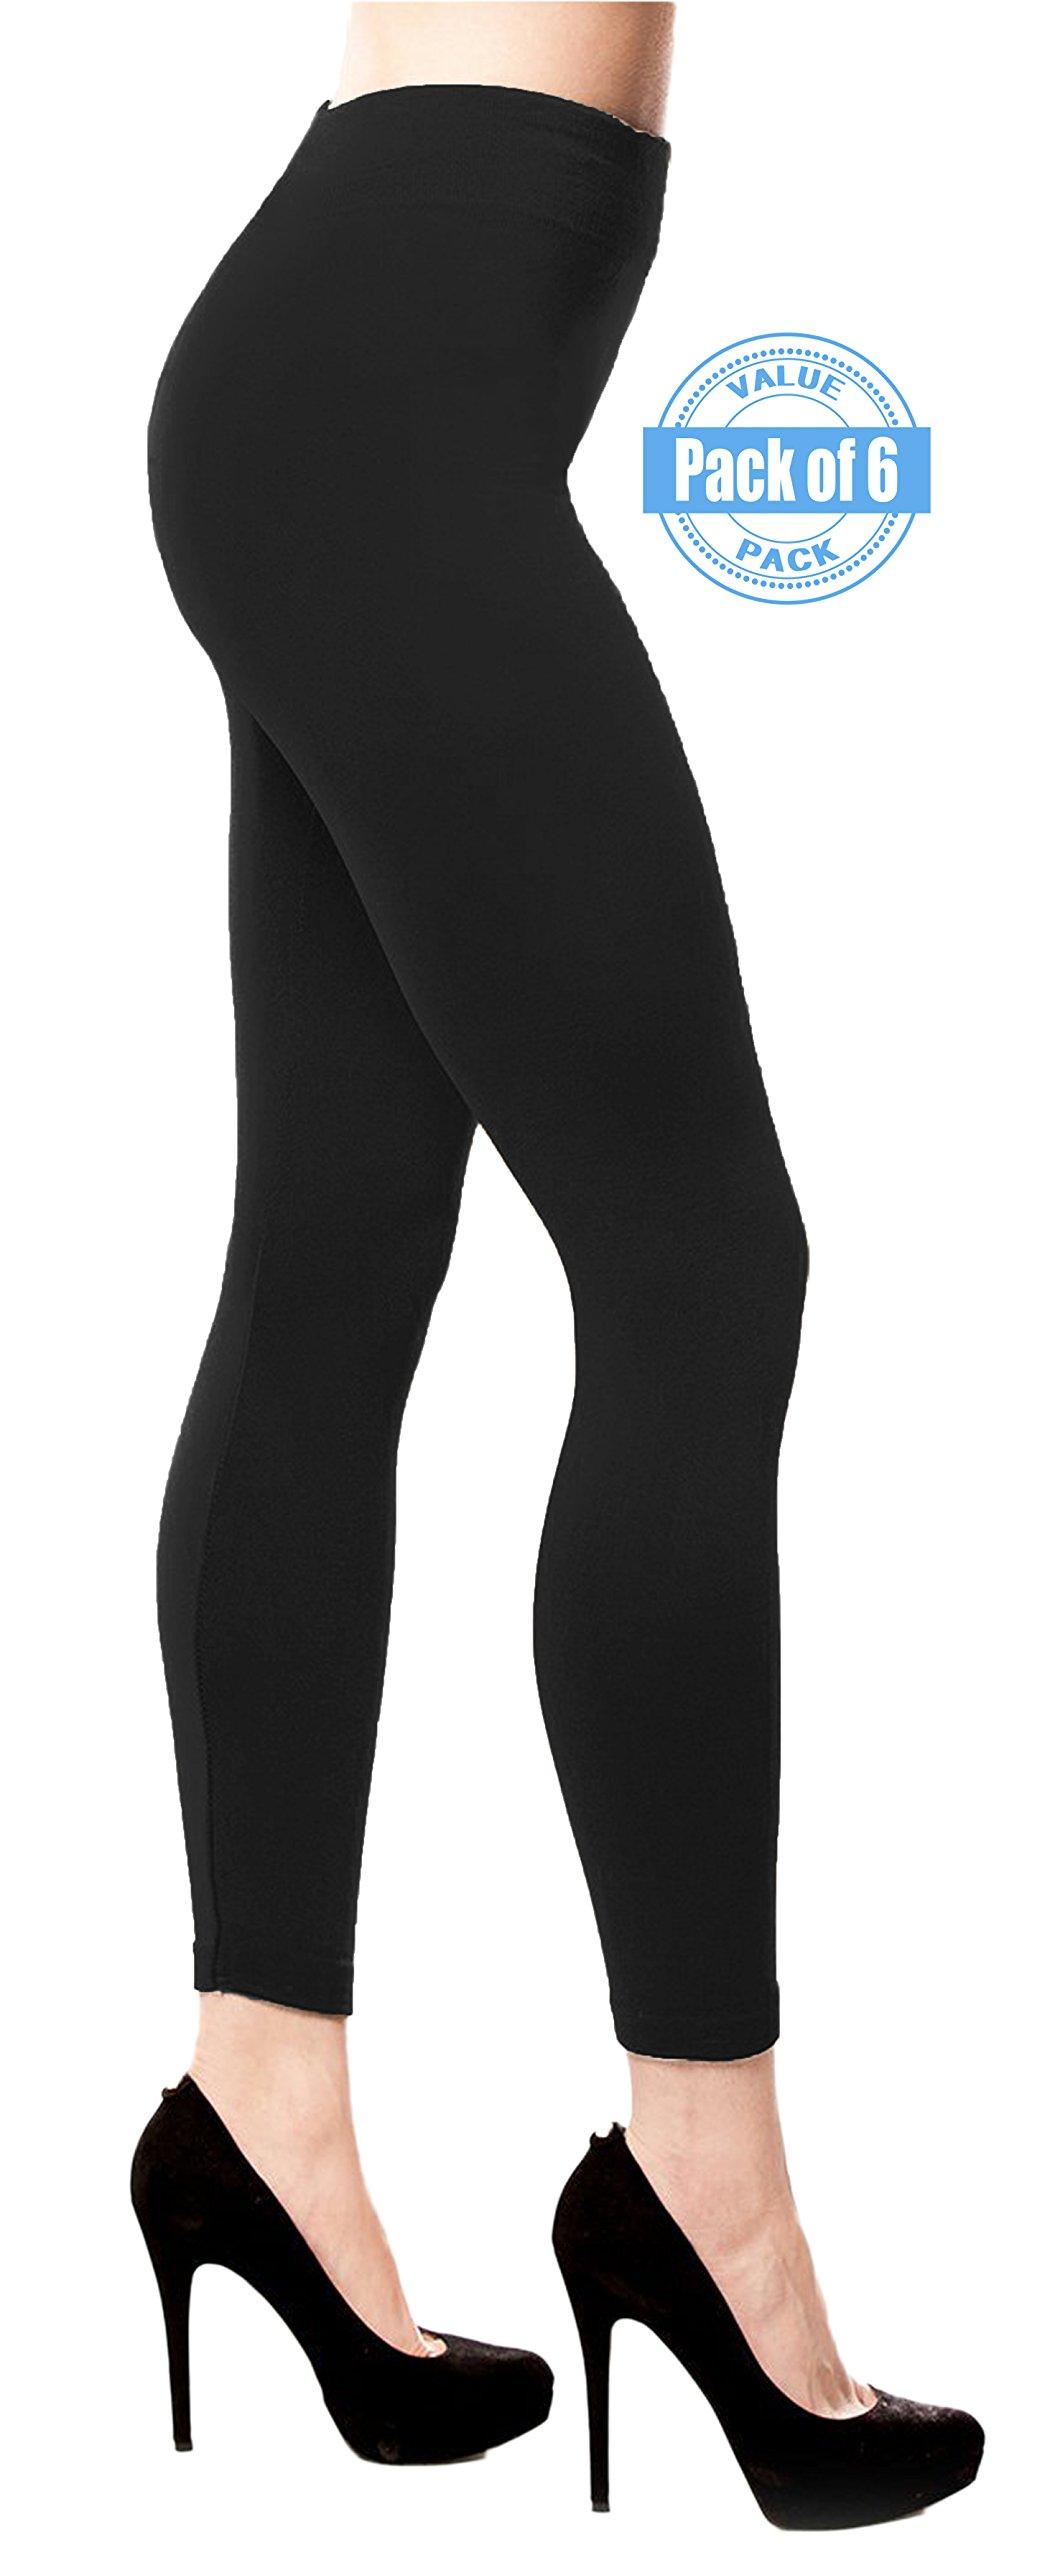 Best Brand Basics Women's 6 Pack Soft Spandex Fleece Lined Warm Long Leggings - Pack of 6 (S/M ( 5-6 ), 6 Pack - Black) by Best Brand Basics (Image #1)